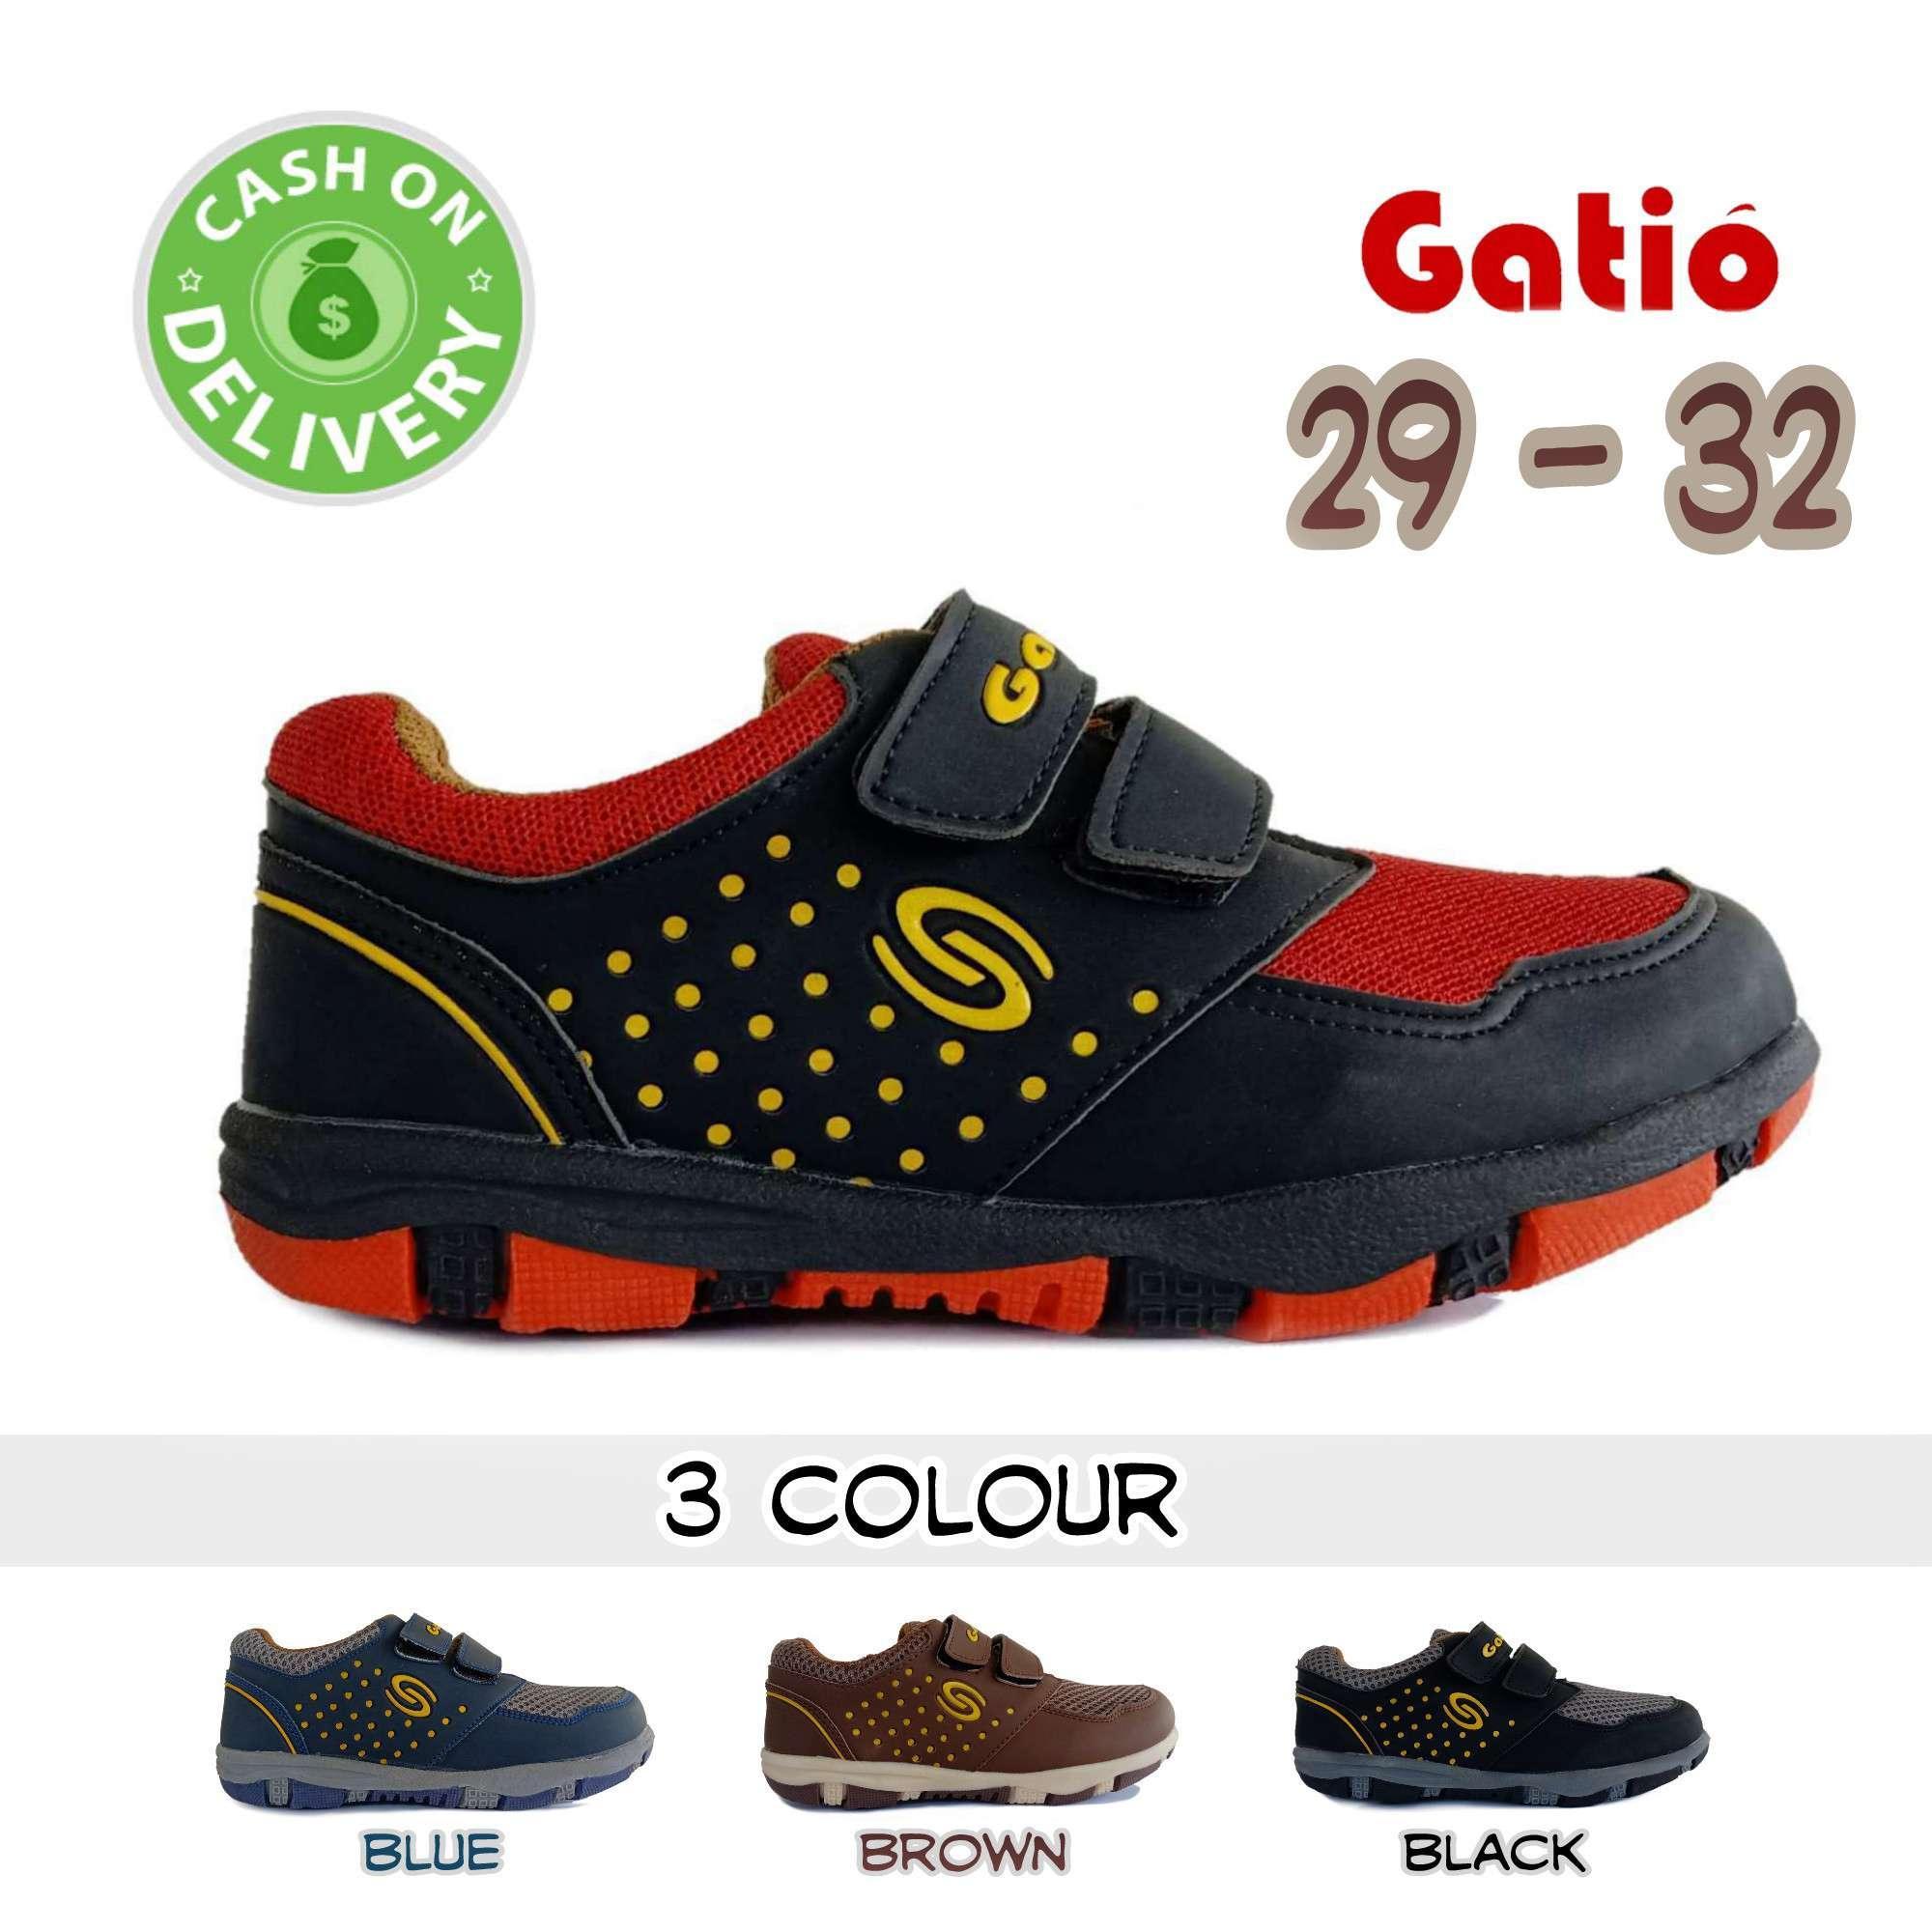 Gatio   Sepatu Sneakers Anak laki laki   Sepatu Anak Laki Laki Cowok   Sepatu  Anak e9b50e121f